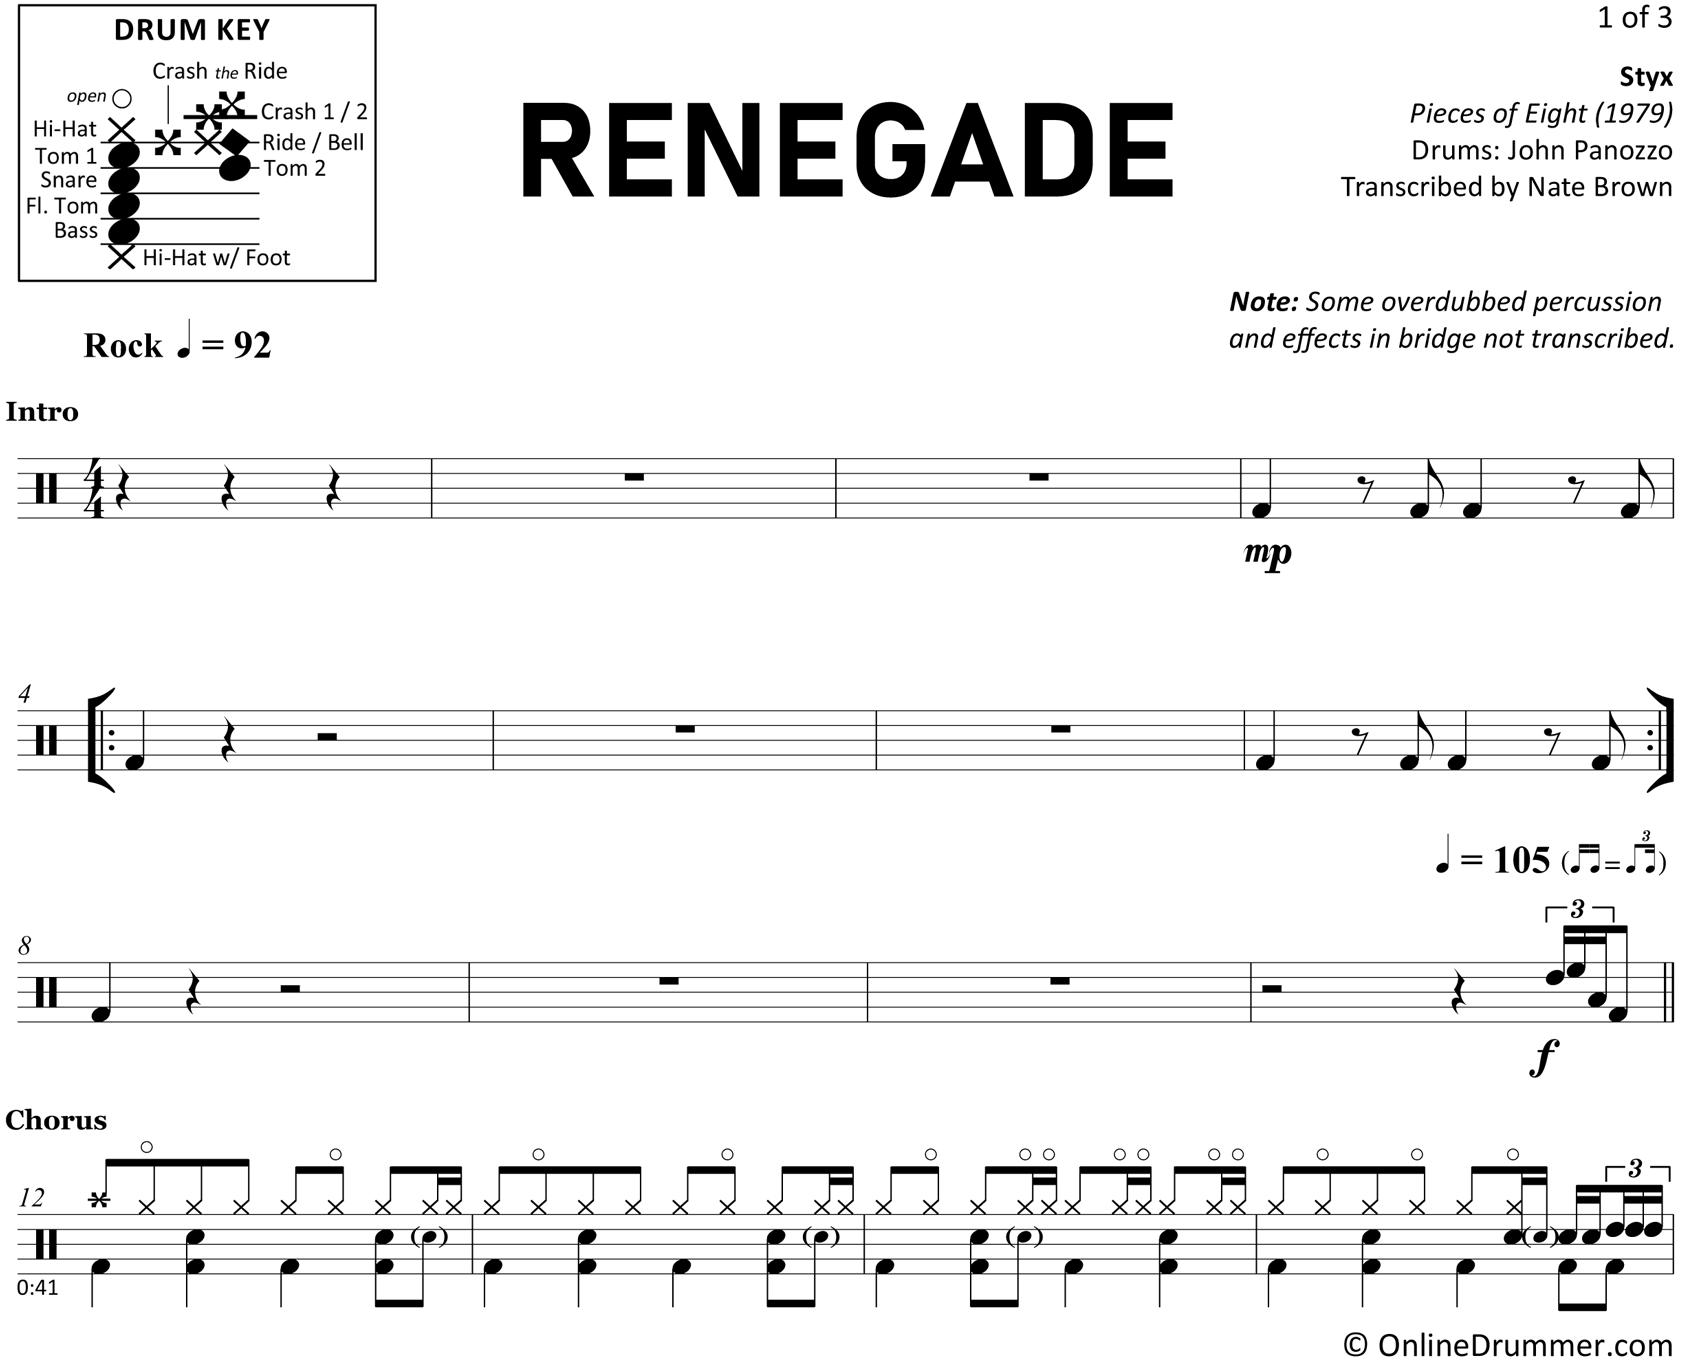 Renegade - Styx - Drum Sheet Music